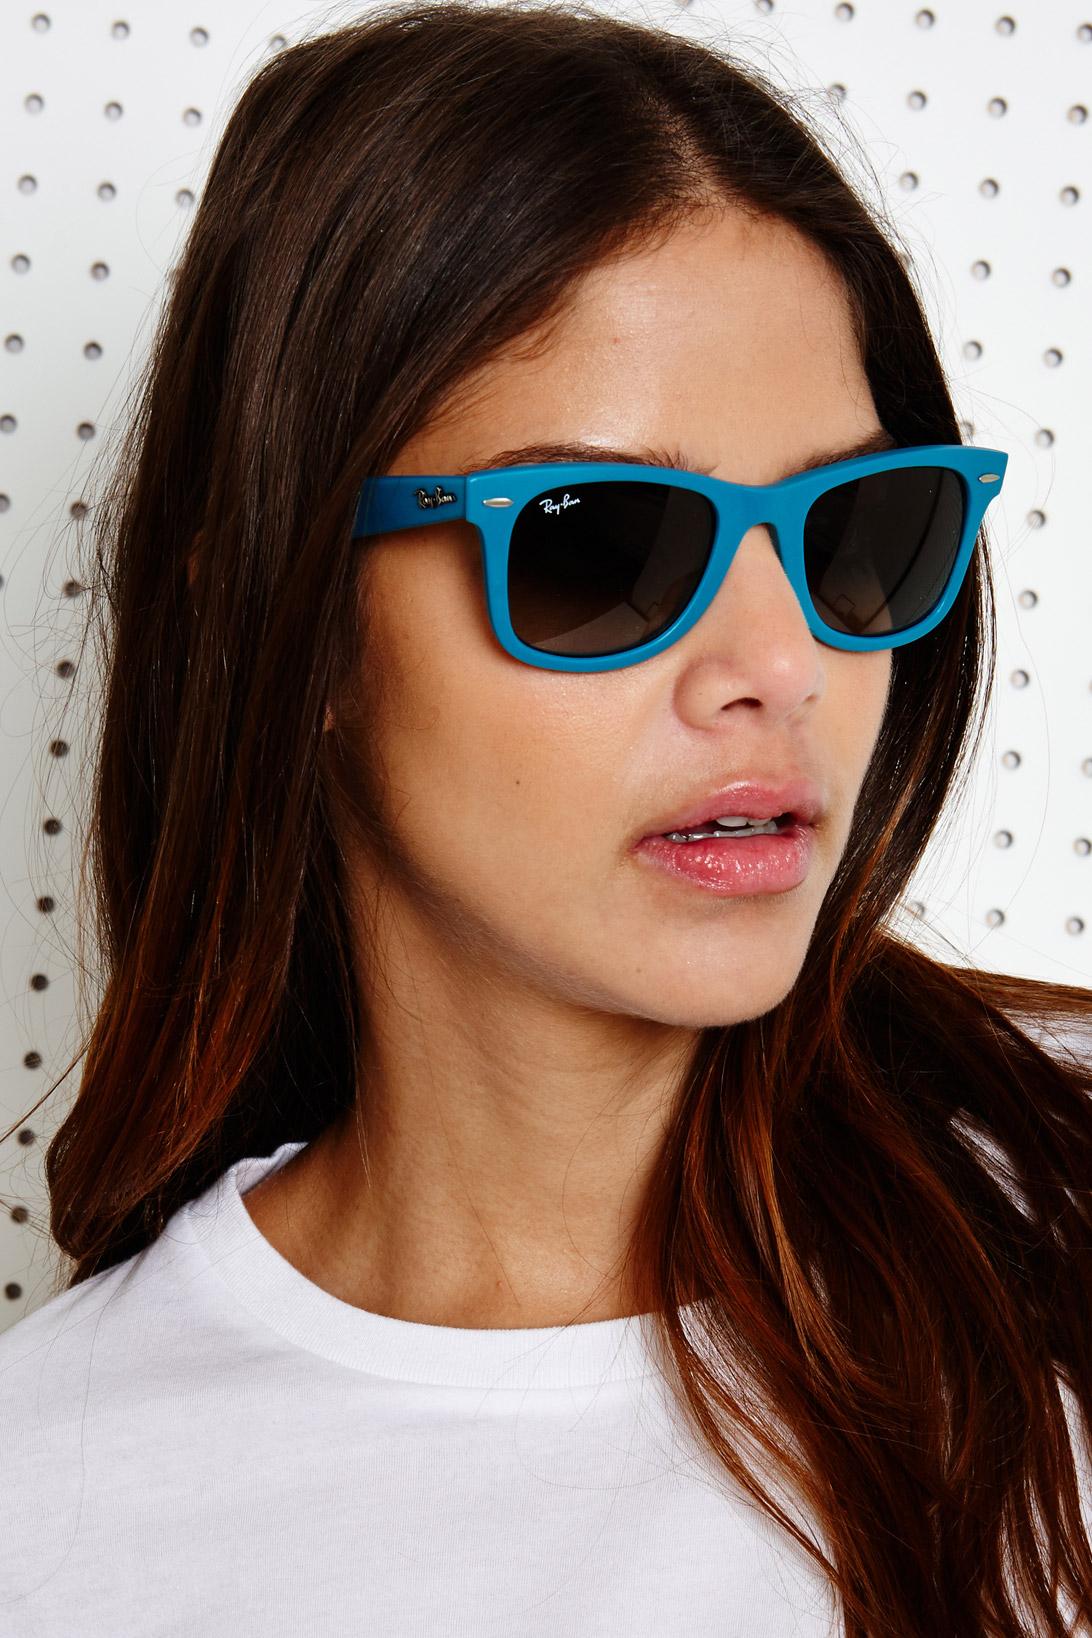 ce9b61dce0 Ray-Ban Erika Velvet Sunglasses - Violet in Blue - Lyst